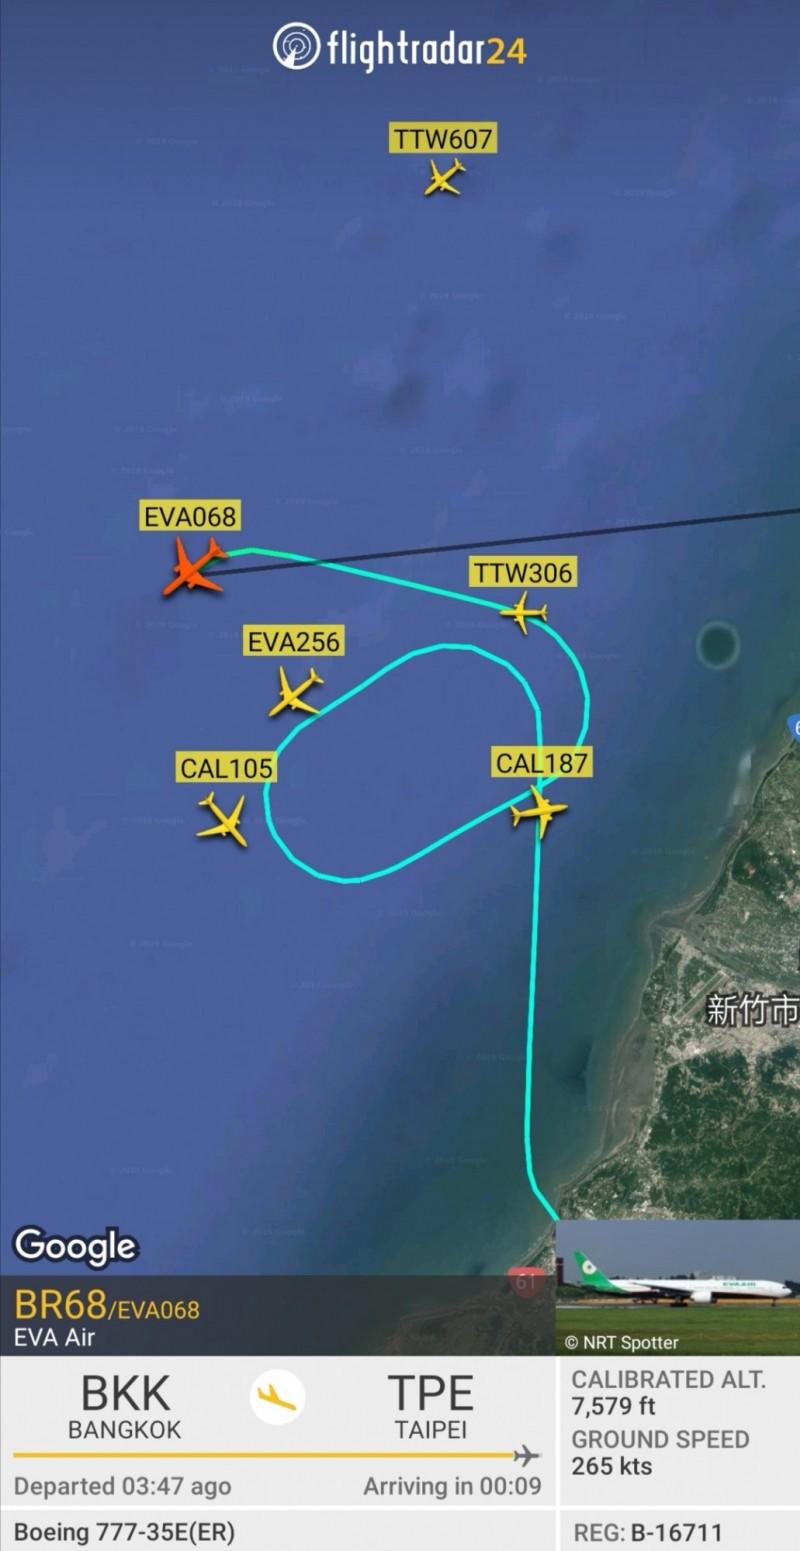 白鹿颱風外圍環流造成為桃園機場強風影響,數10班飛機因此空中待命(紅色飛機)、延誤、或轉降。(圖片擷取自FLIGHTRADAR 24軟體)